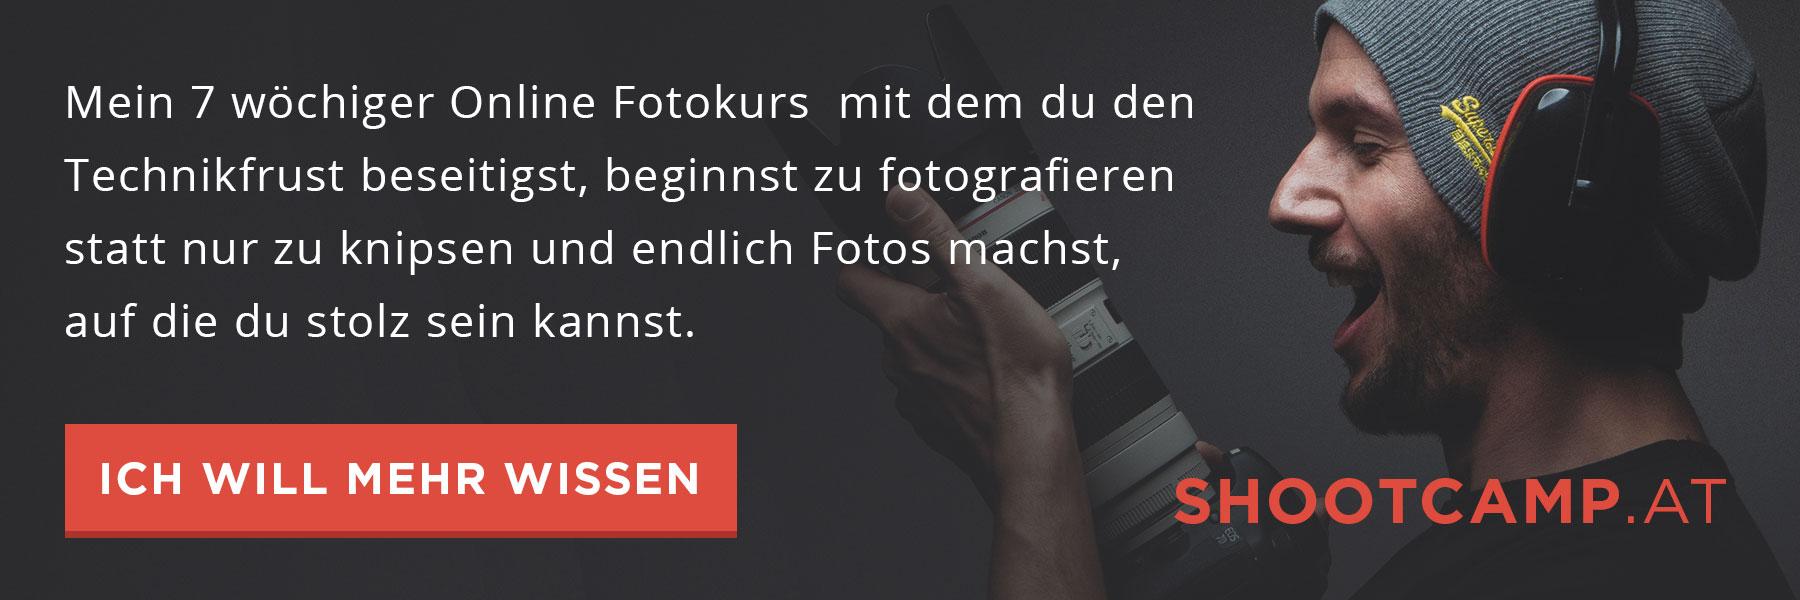 Shootcamp-Blogartikel-Mehr_wissen_hoch